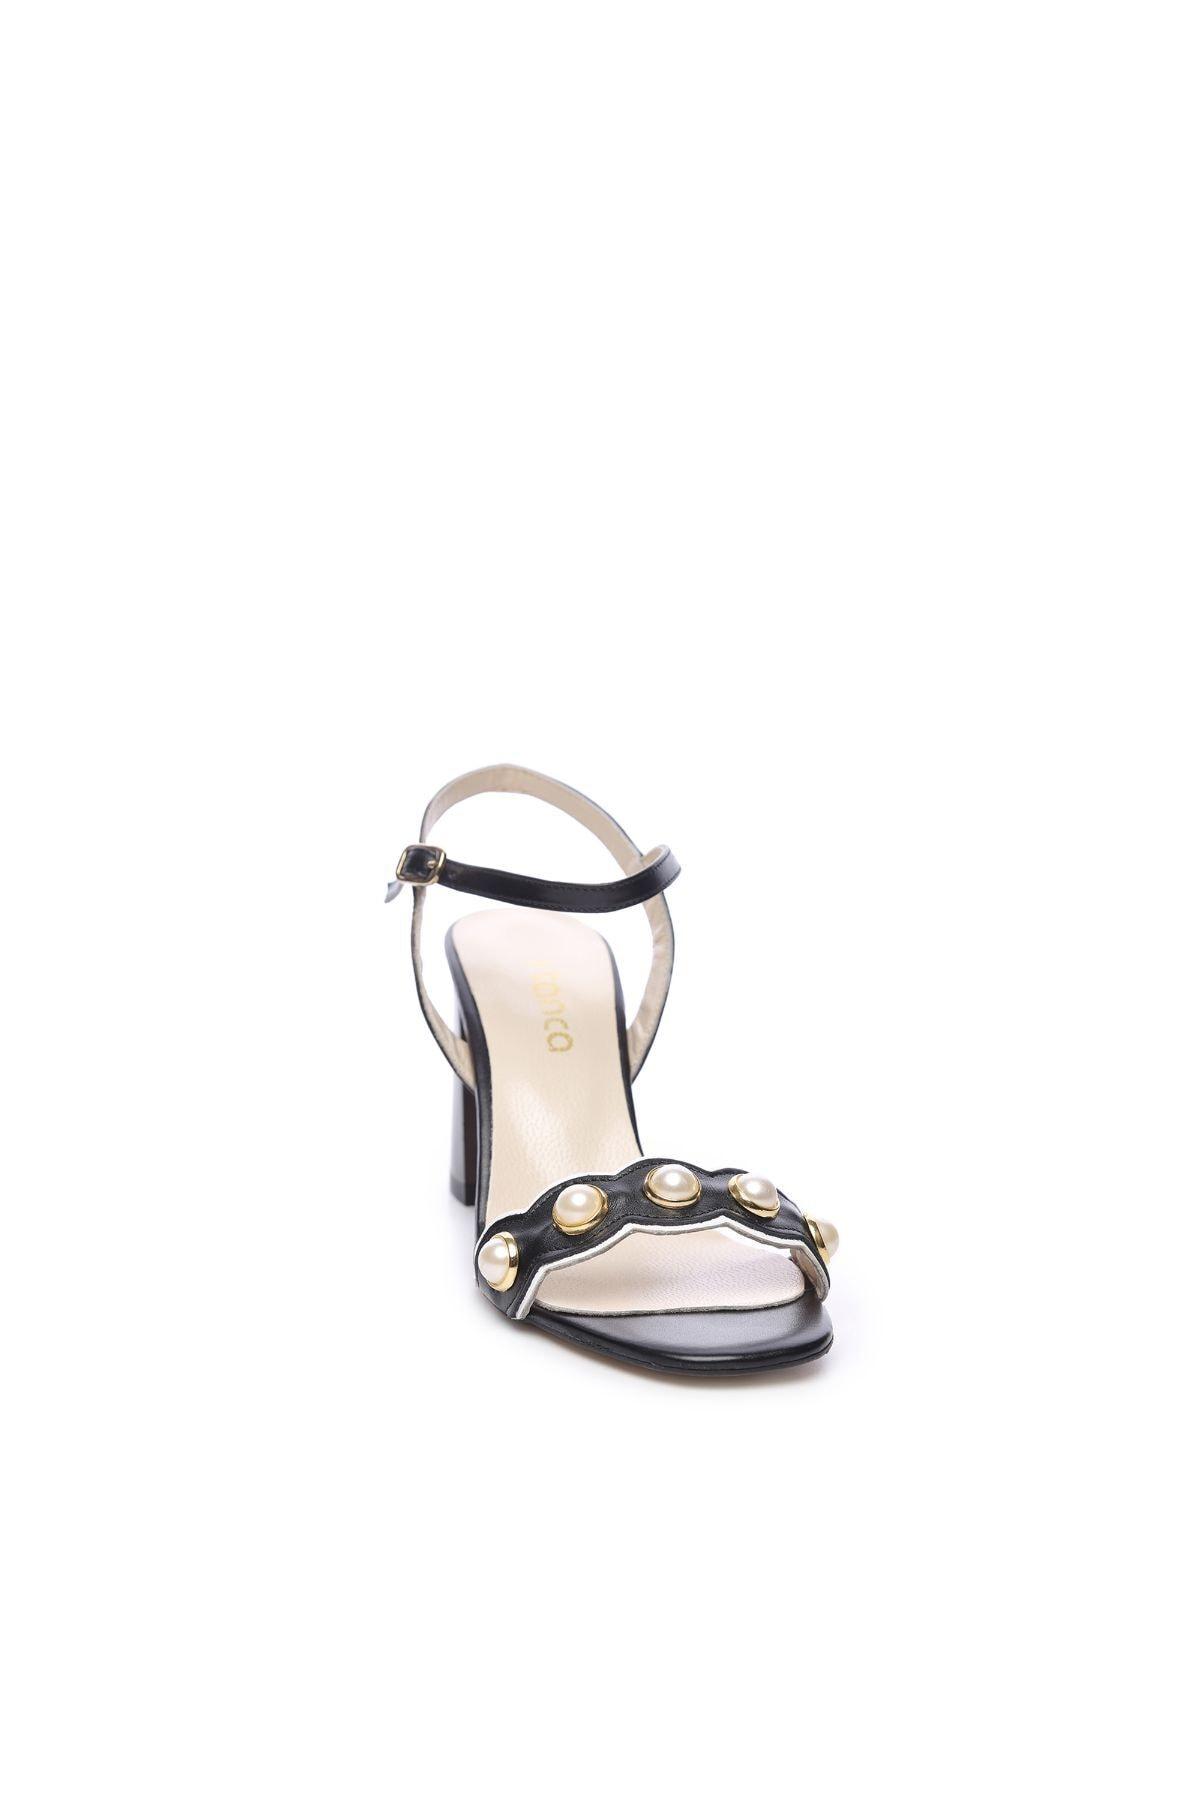 KEMAL TANCA Hakiki Deri Siyah Kadın Topuklu Ayakkabı 94 321 BN AYK 2